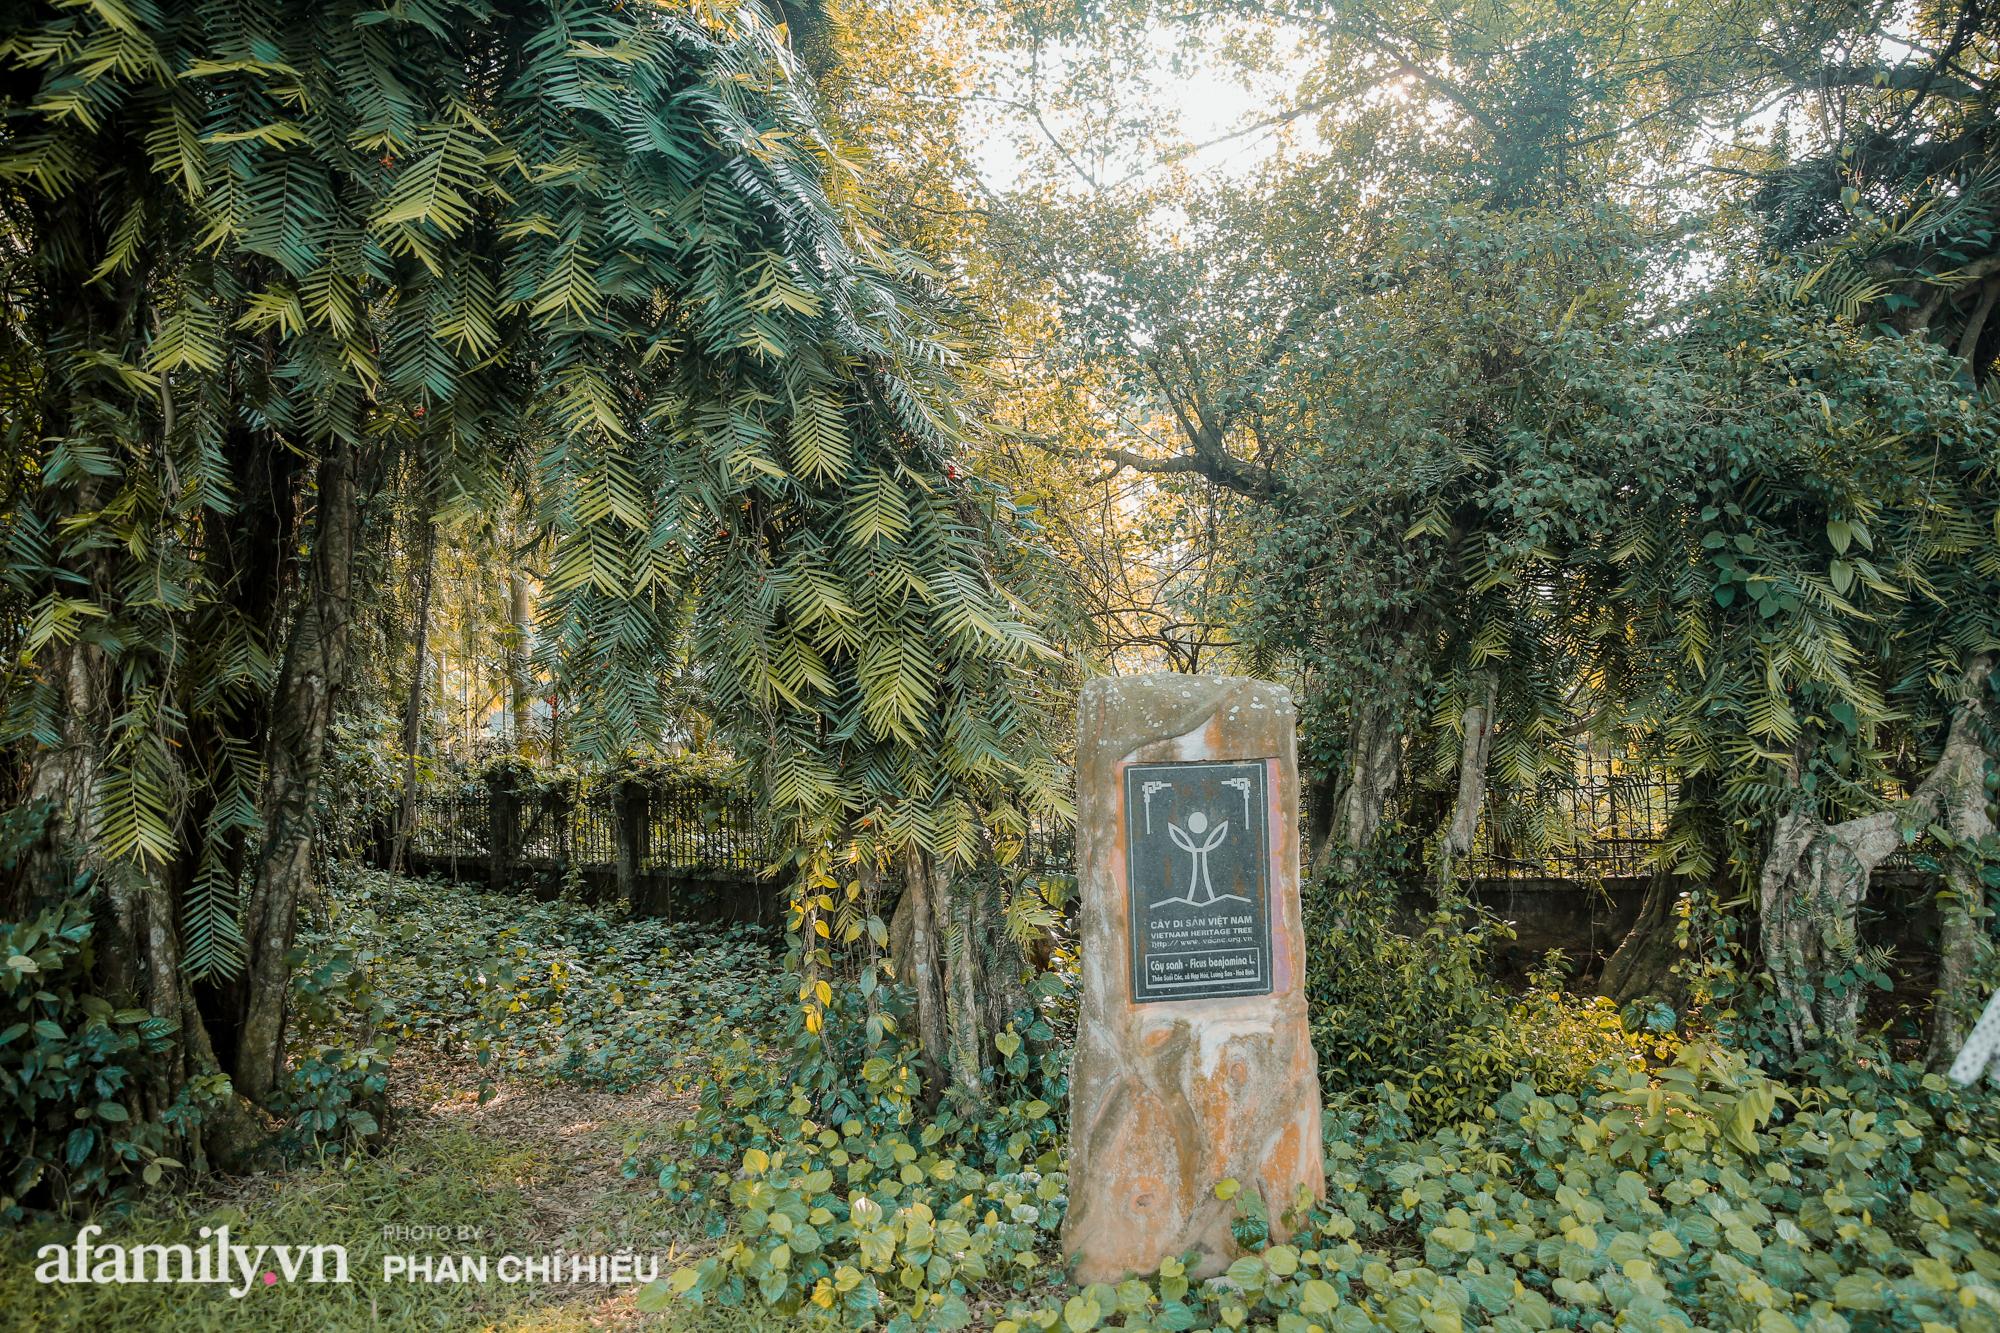 Ngôi làng độc nhất Việt Nam sở hữu chiếc cổng từ cây đại thu 800 năm tuổi, từng là bối cảnh cực ấn tượng trong những bộ phim về làng quê Việt Nam - Ảnh 8.